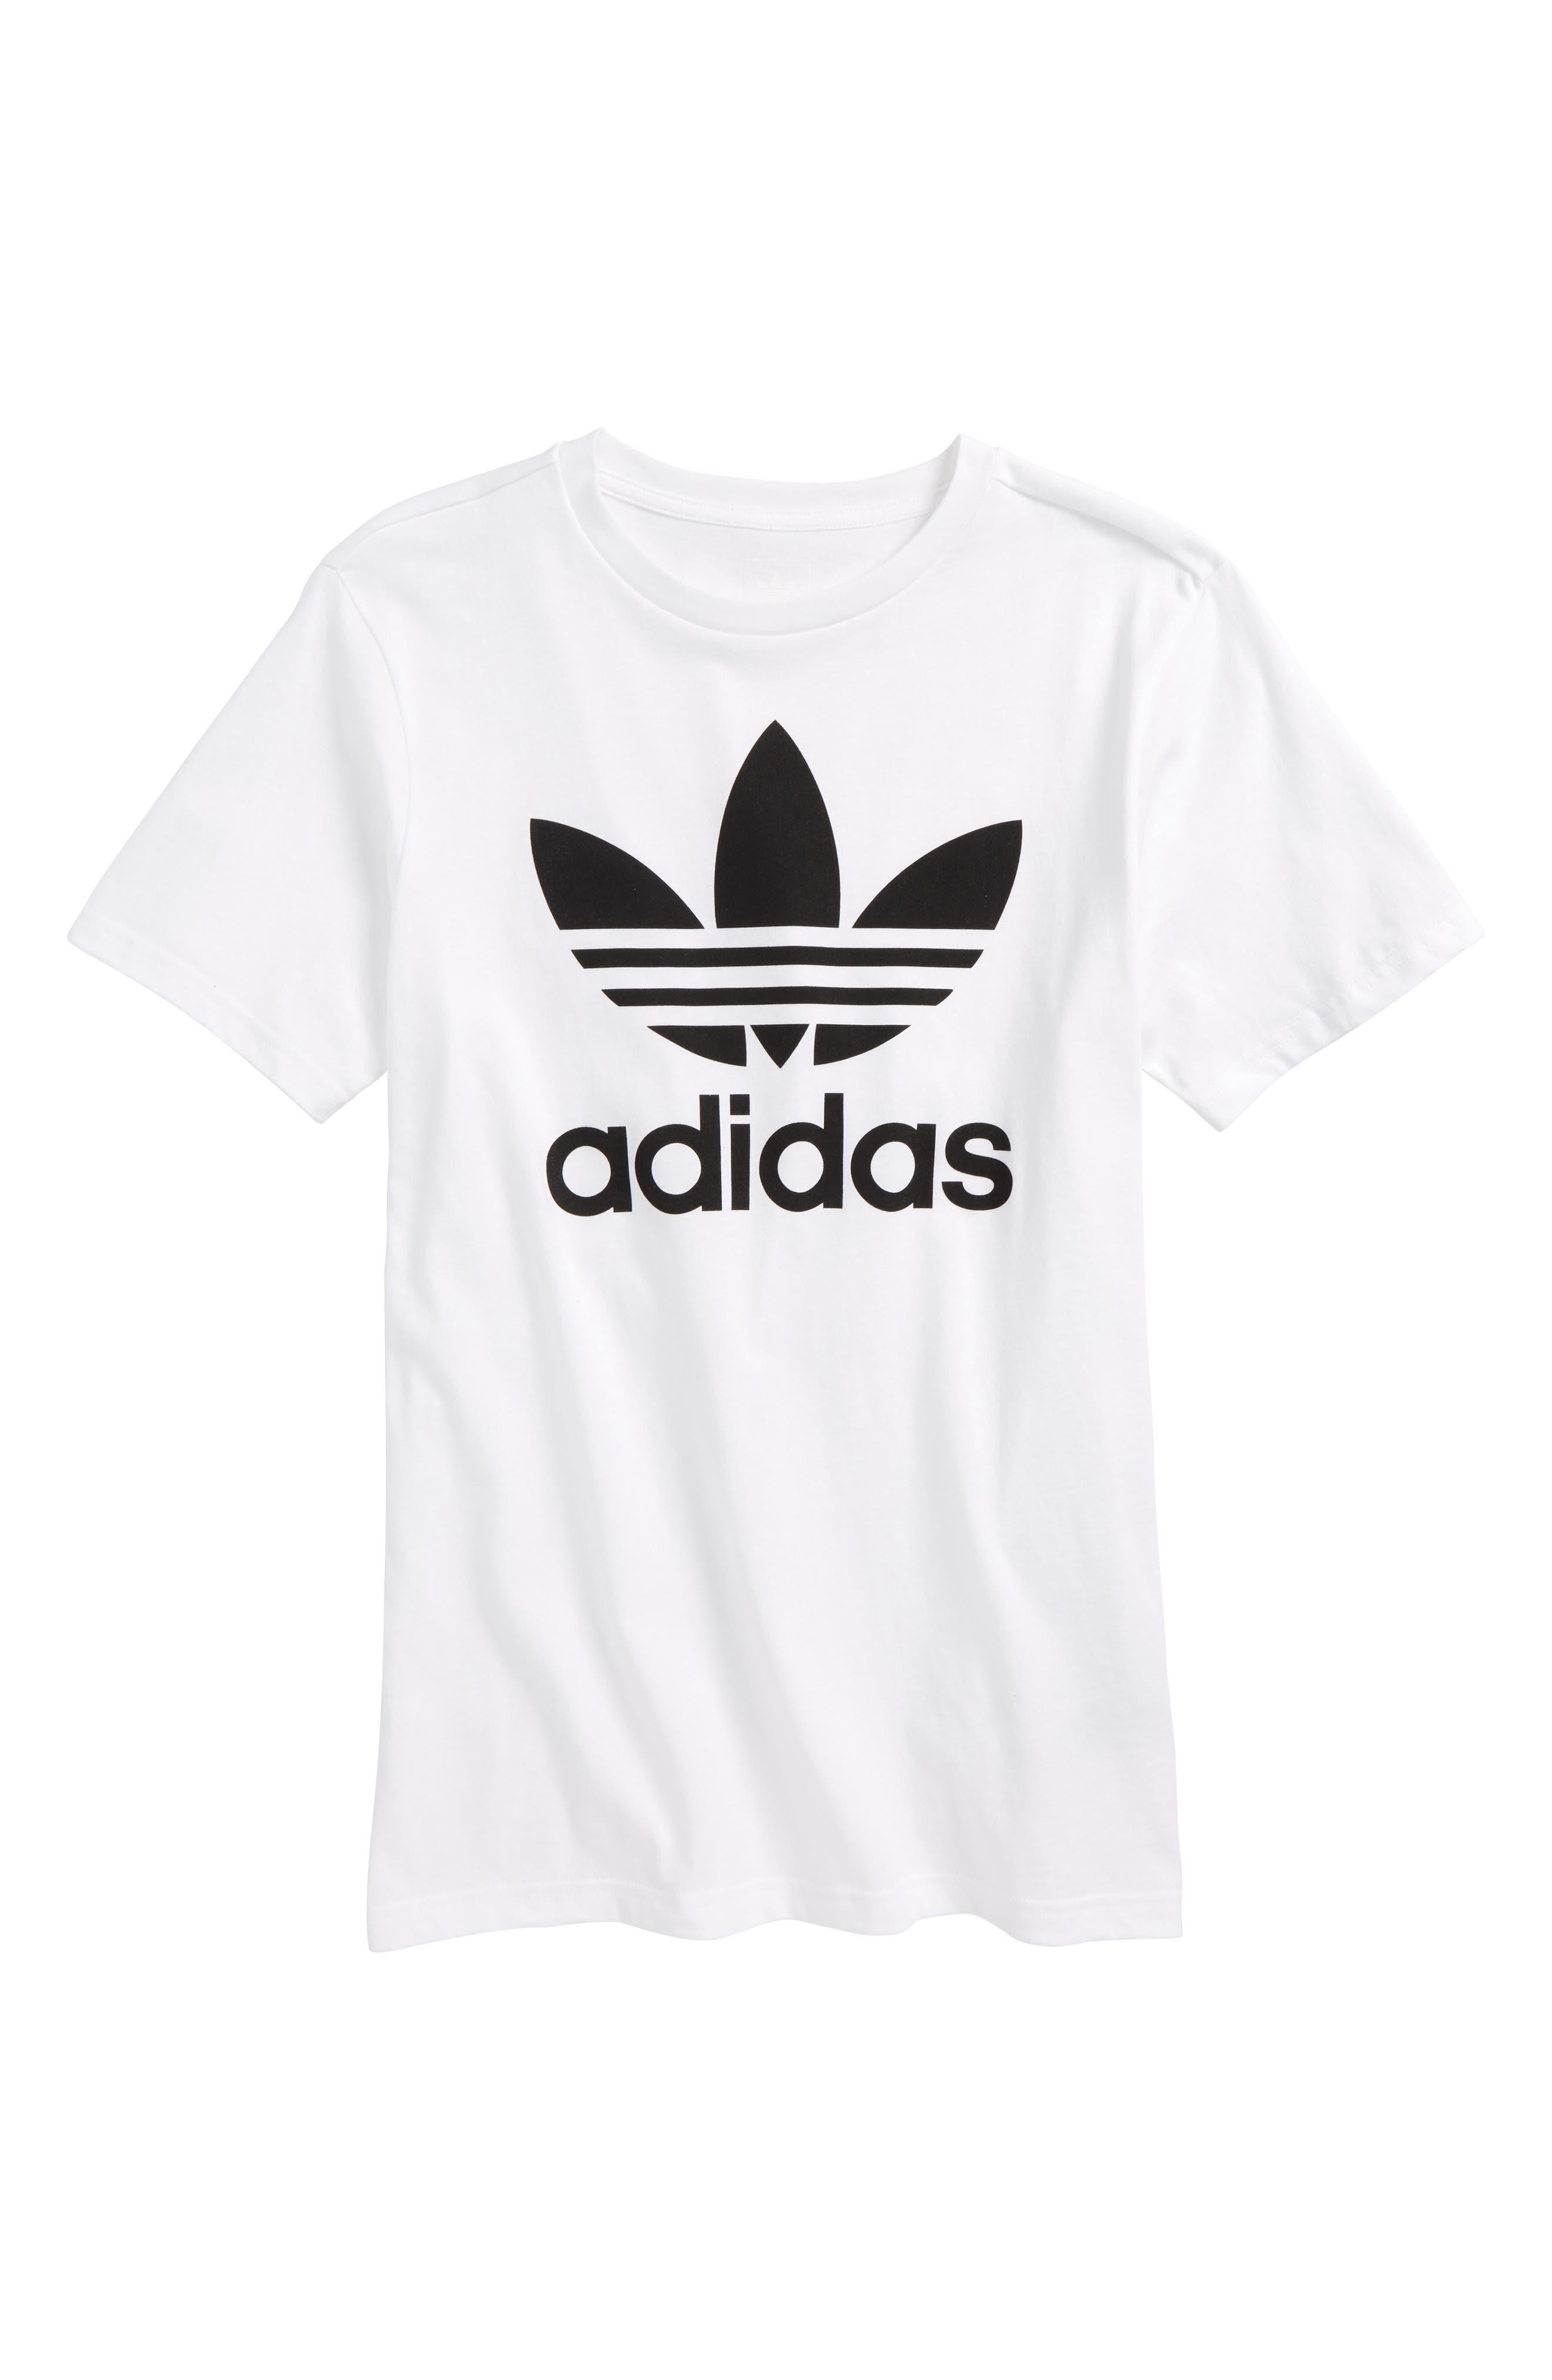 adidas Trefoil Logo T-Shirt,                             Main thumbnail 1, color,                             White/ Black